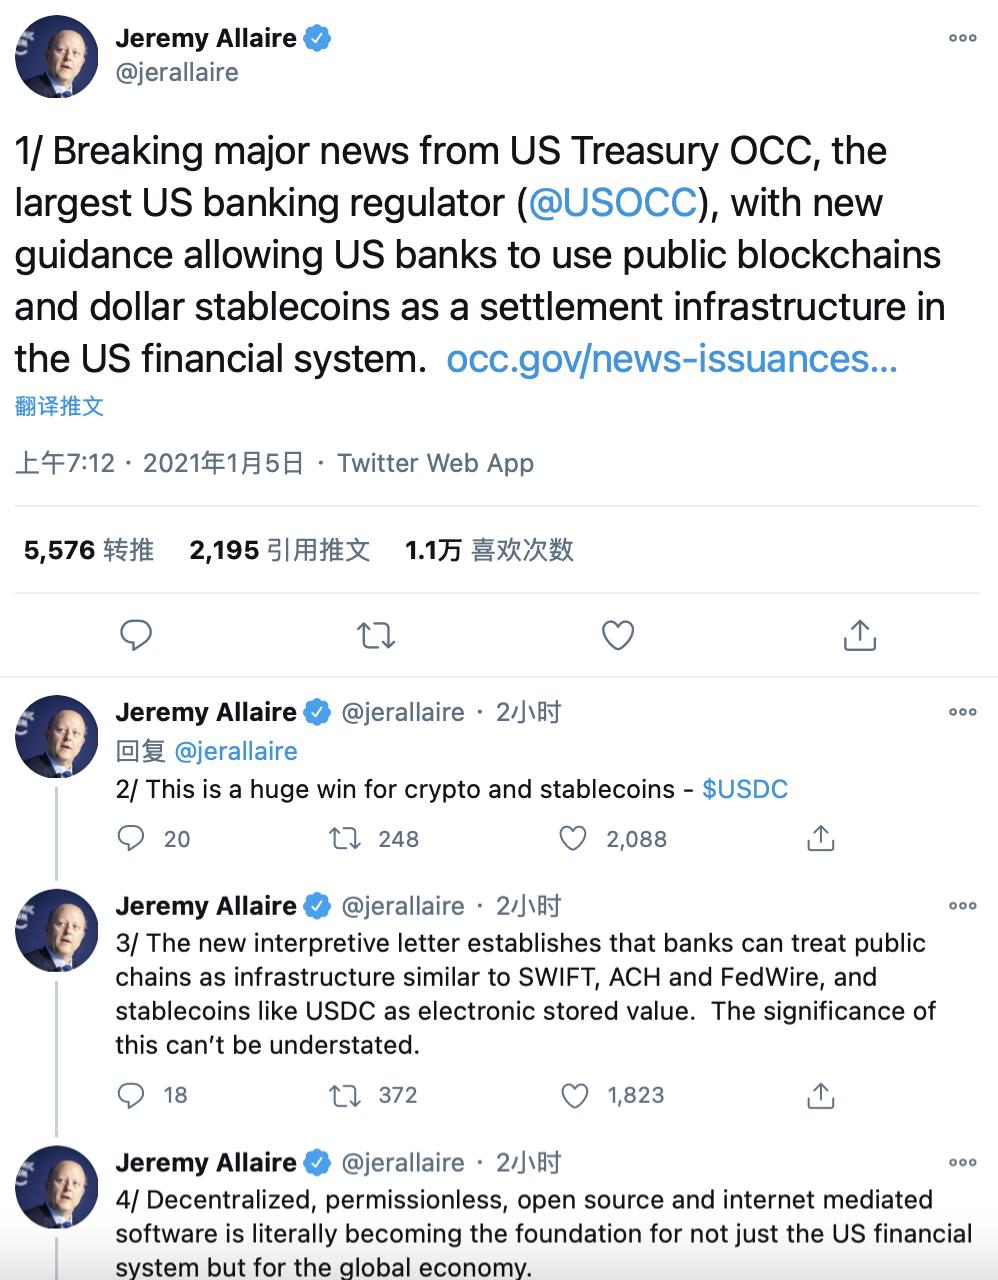 美国货币监理署(OCC):美国银行可以使用稳定币进行支付,甚至发行稳定币